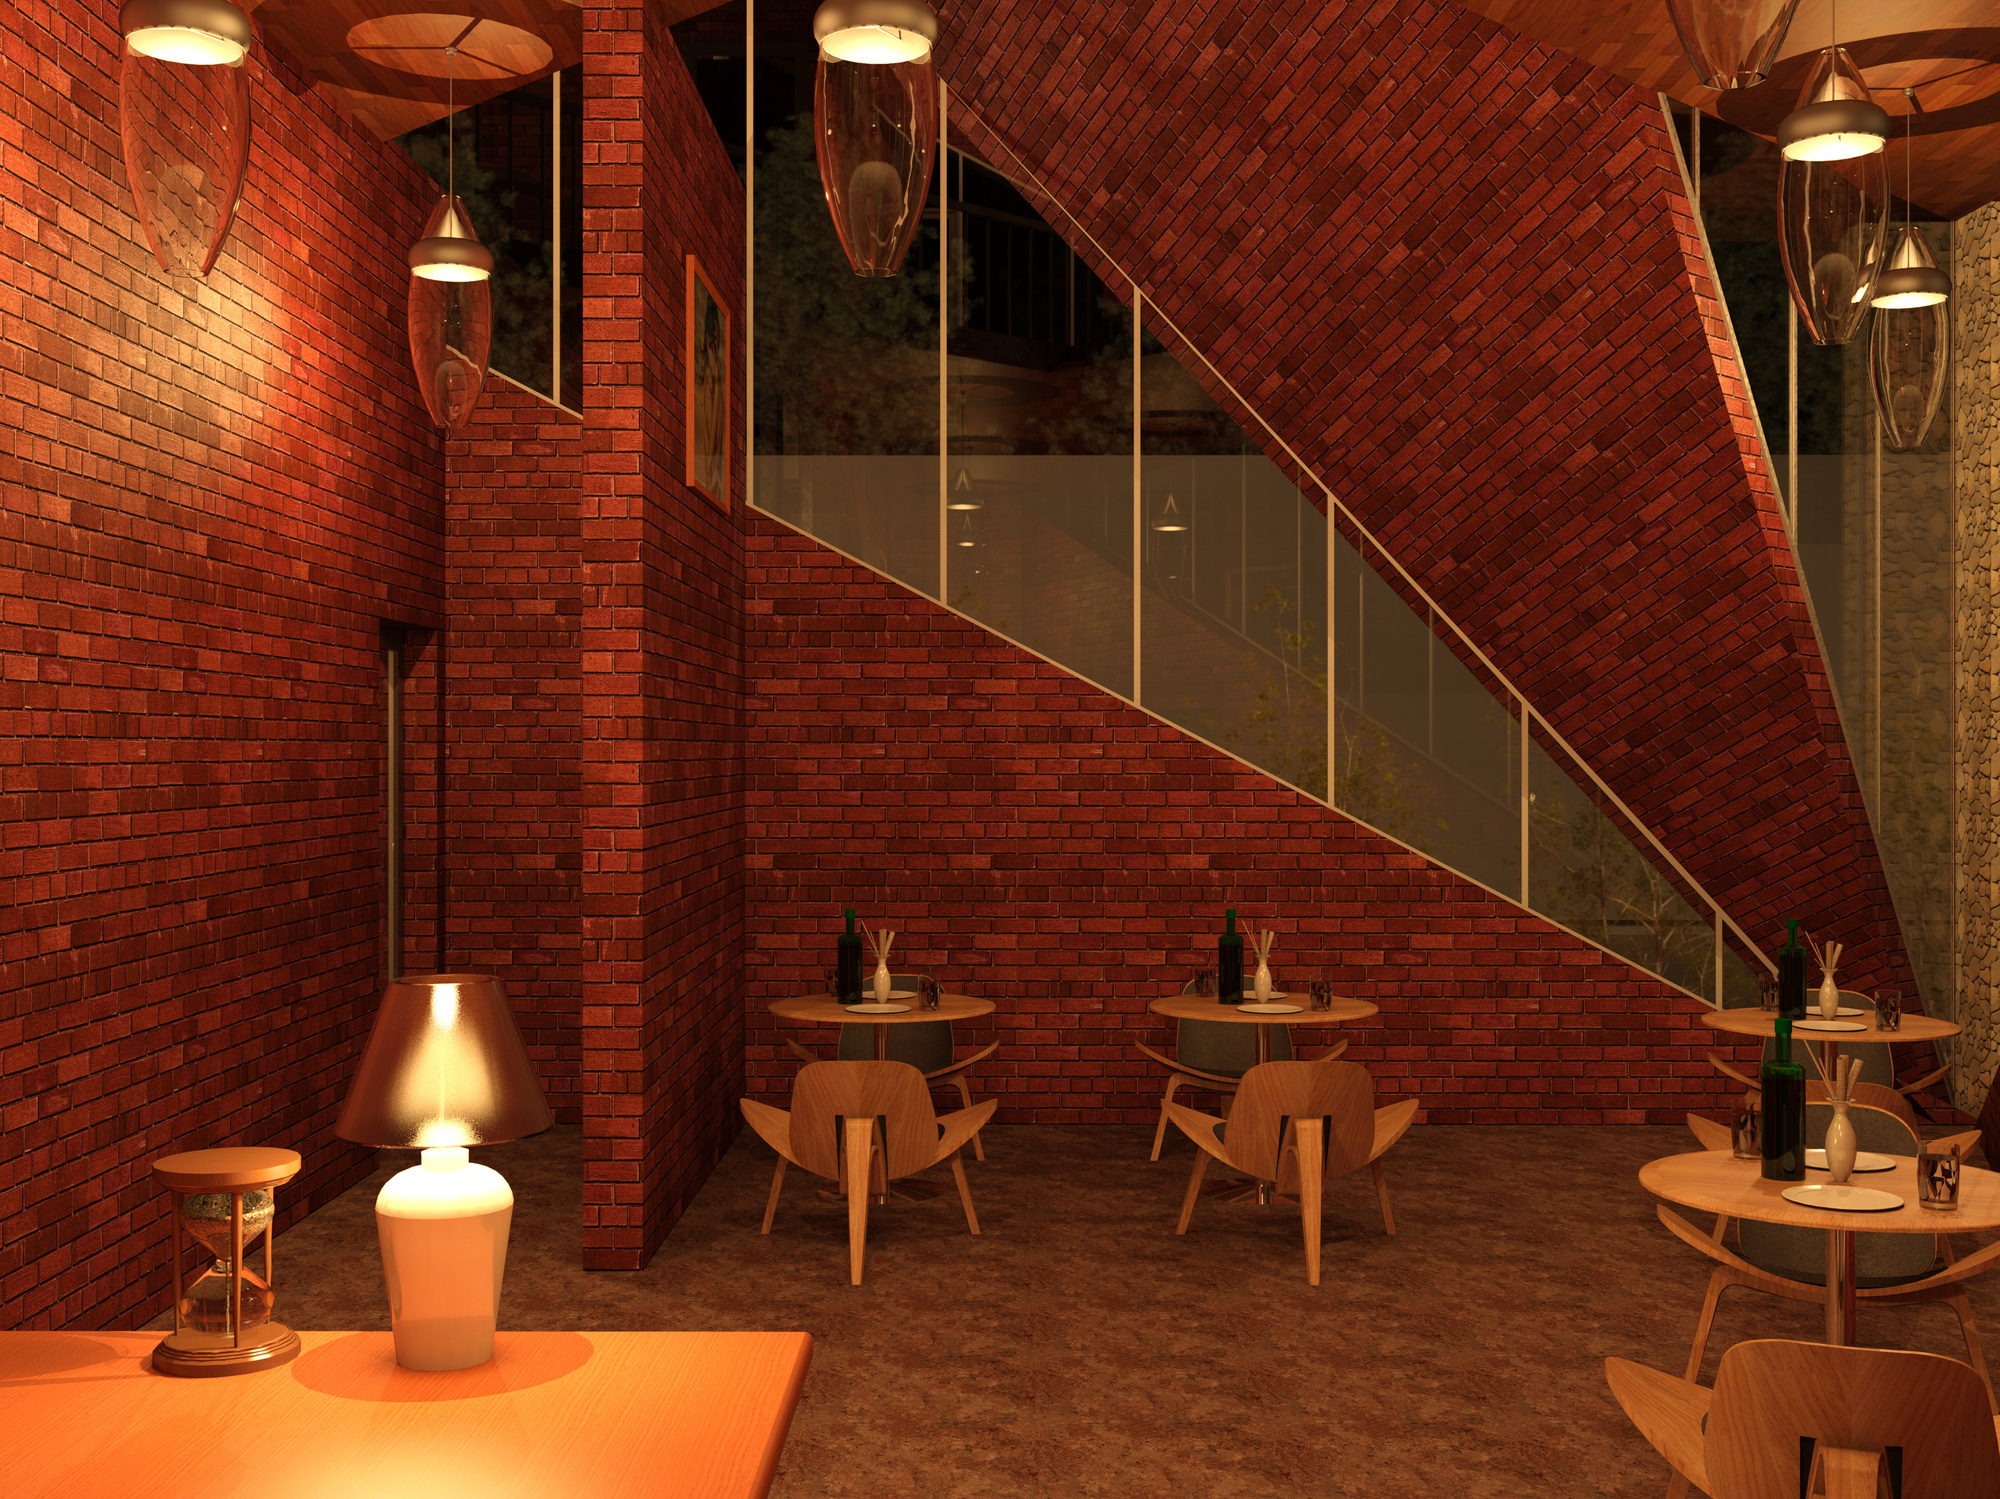 Raas-rendering20150213-5715-1307ohe